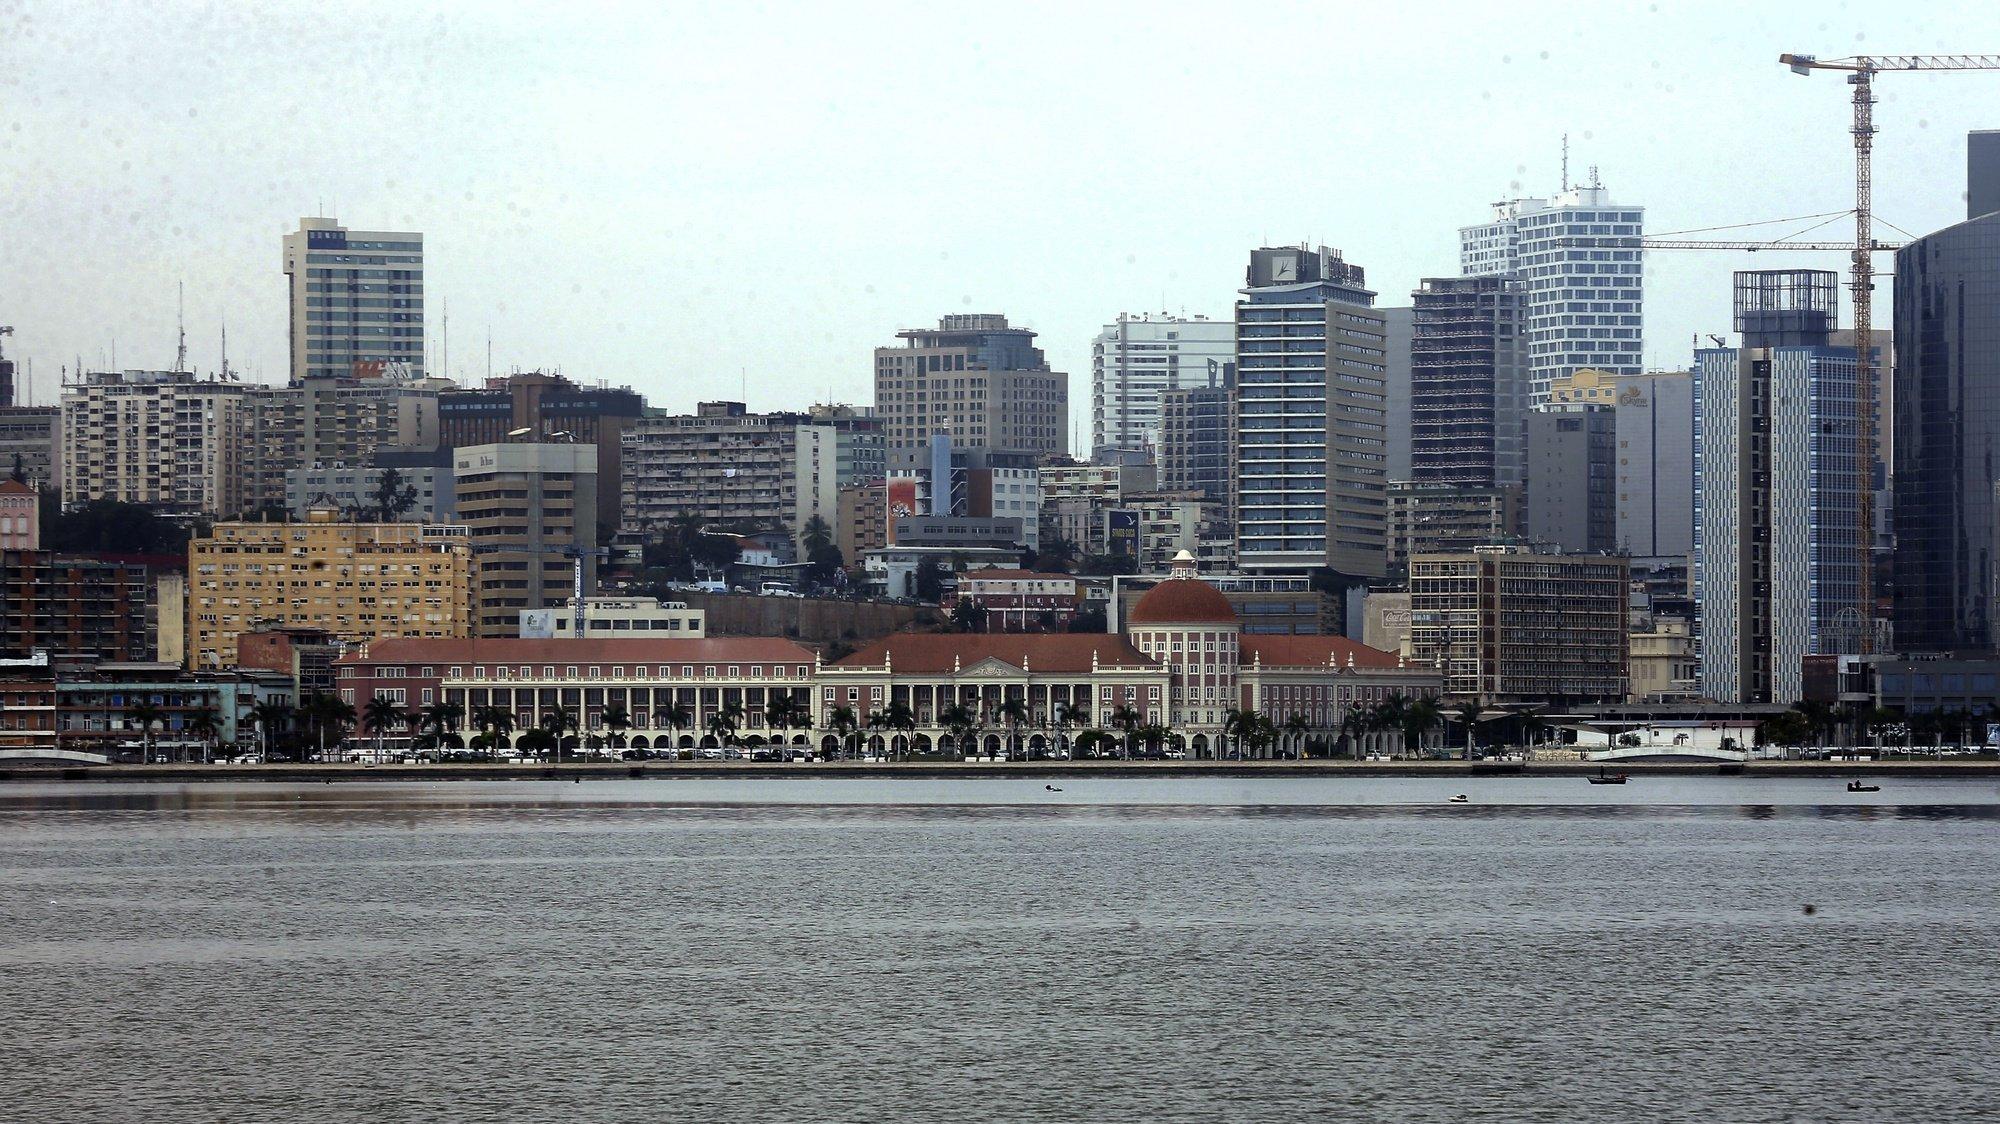 Marginal na baixa da cidade em Luanda, Angola, 23 de agosto de 2021.  AMPE ROGÉRIO/LUSA